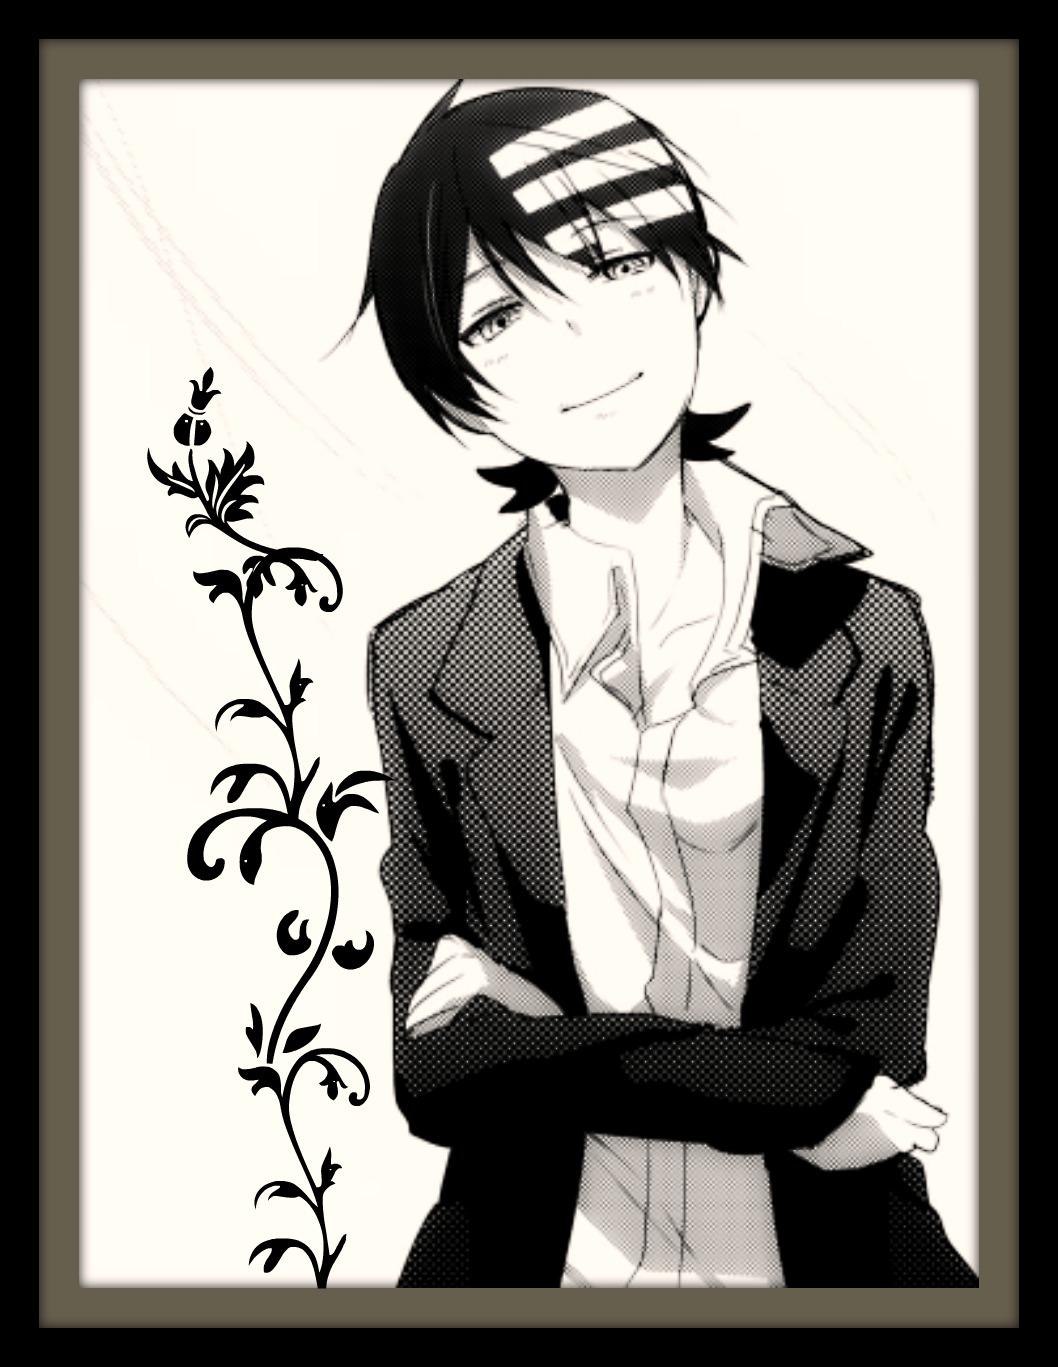 Death the Kid - SOUL EATER - Zerochan Anime Image Board